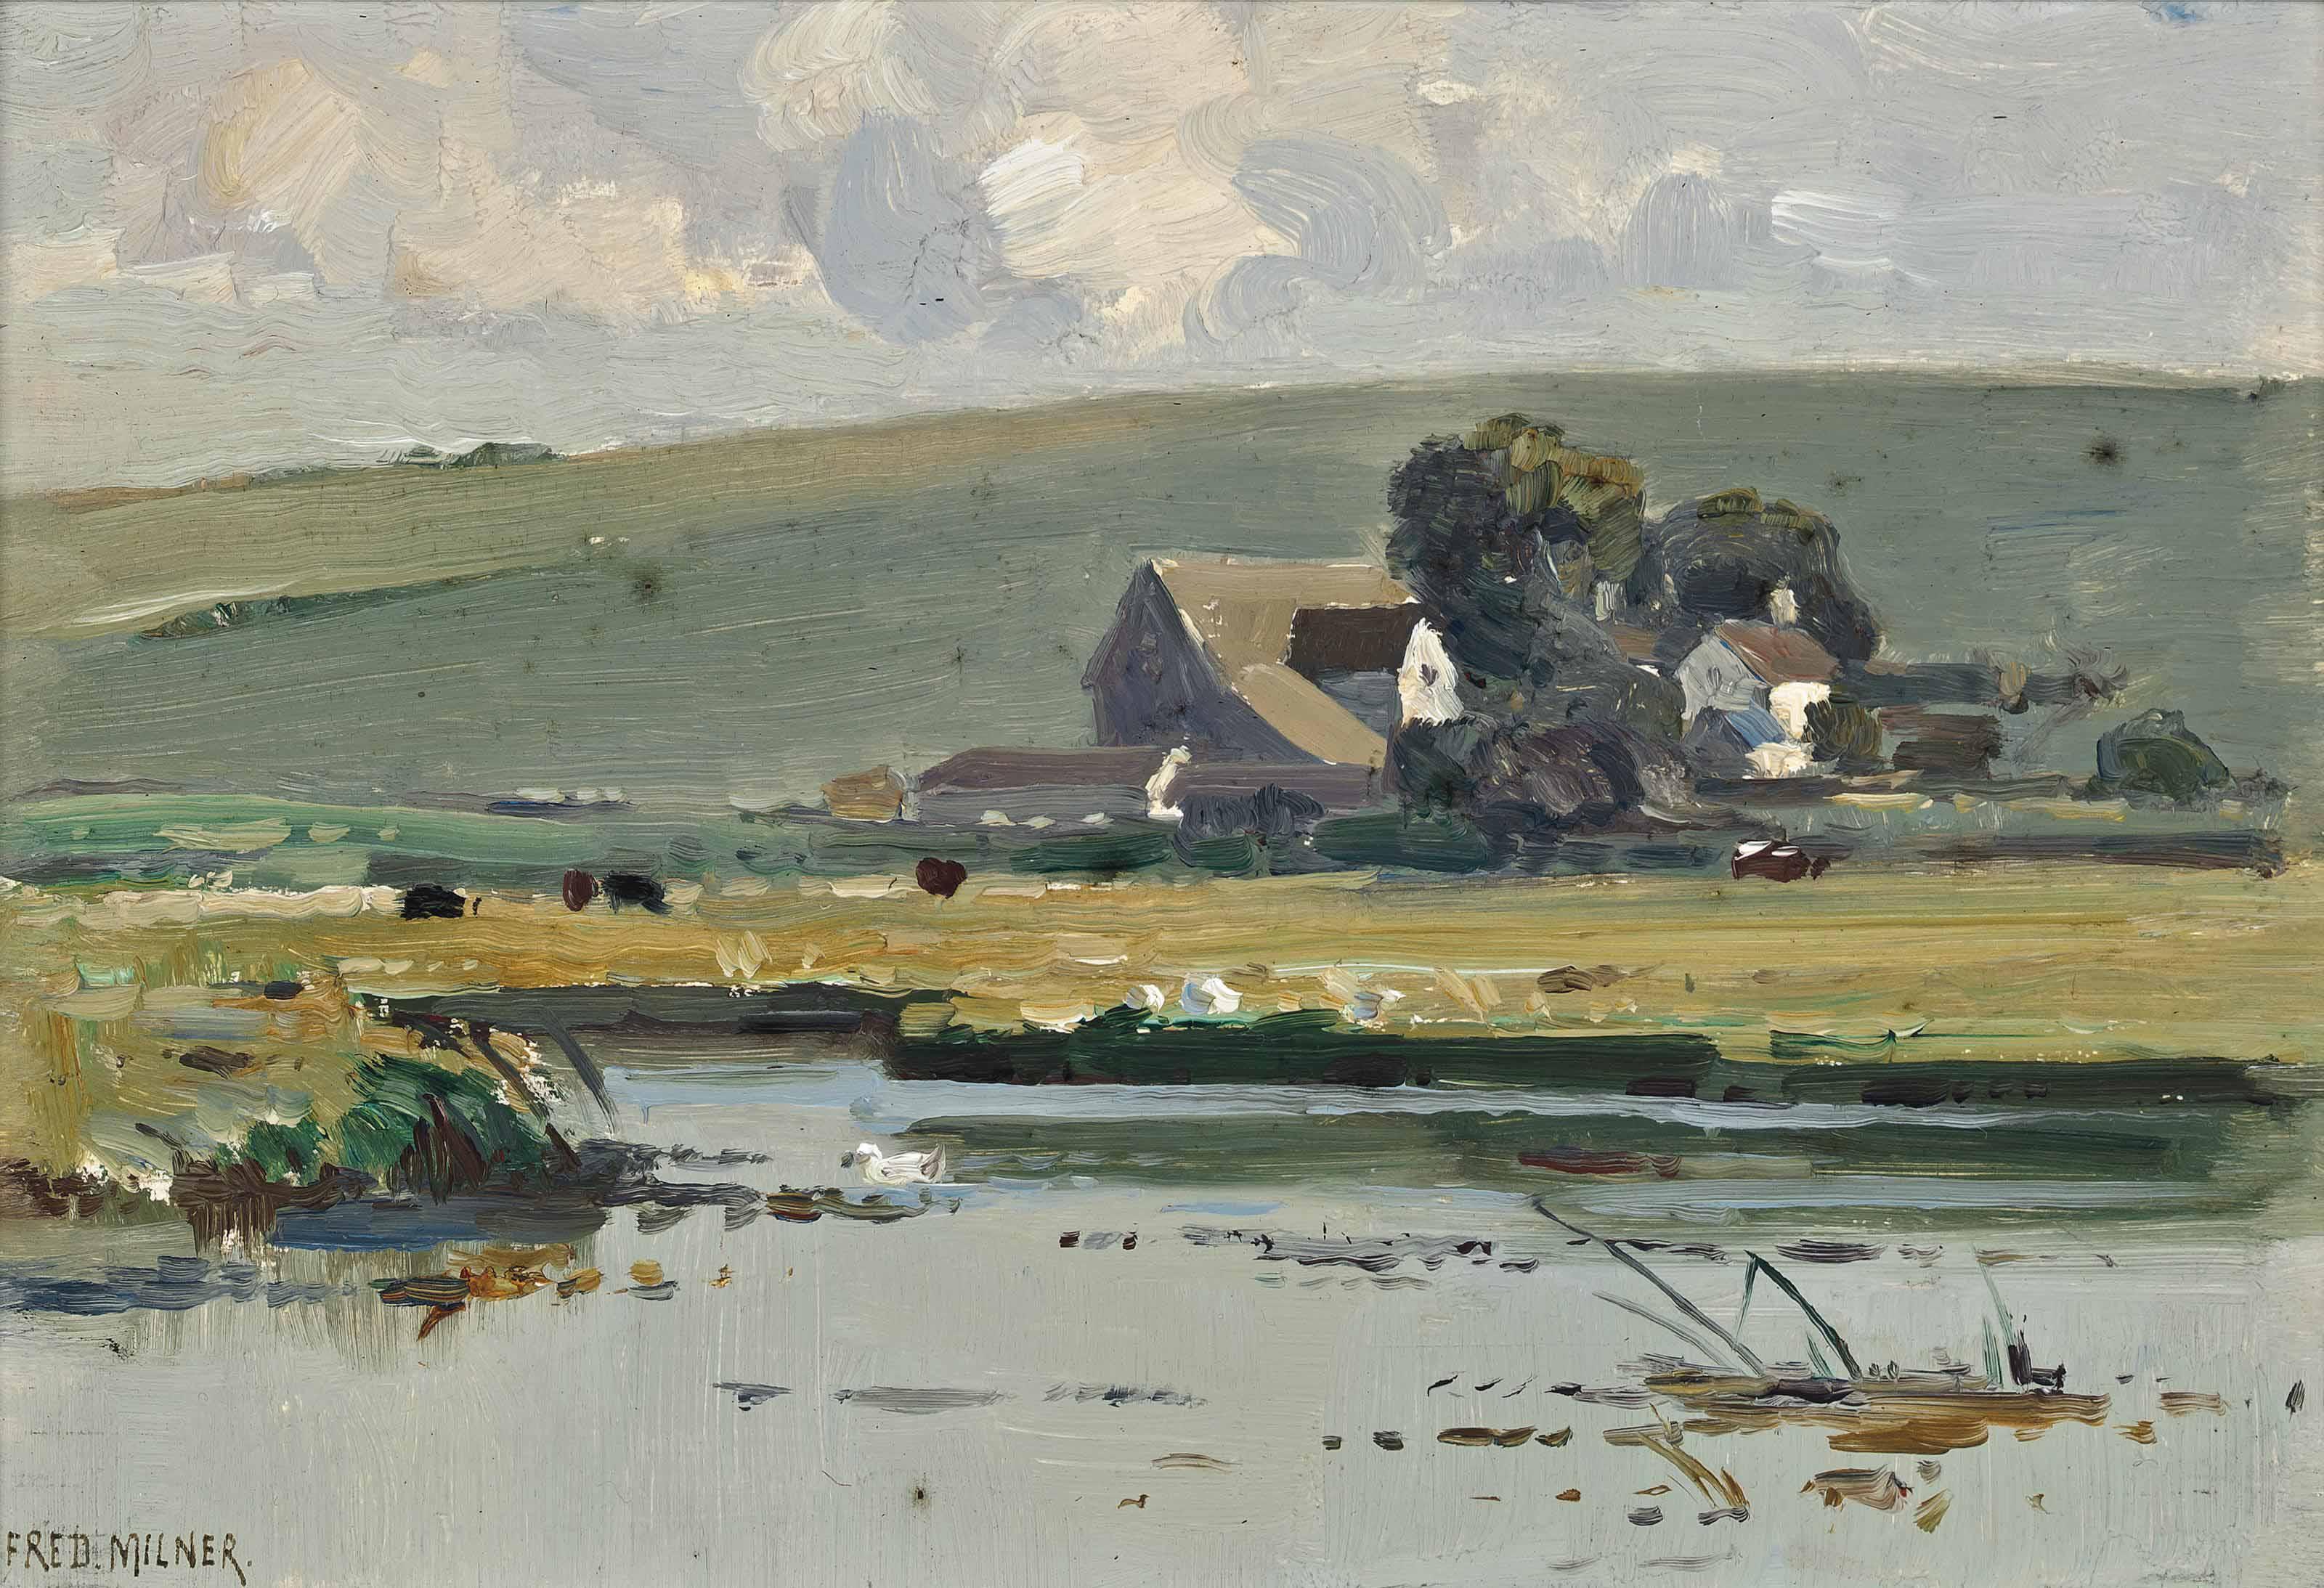 Frederick Milner R.B.C., R.W.A